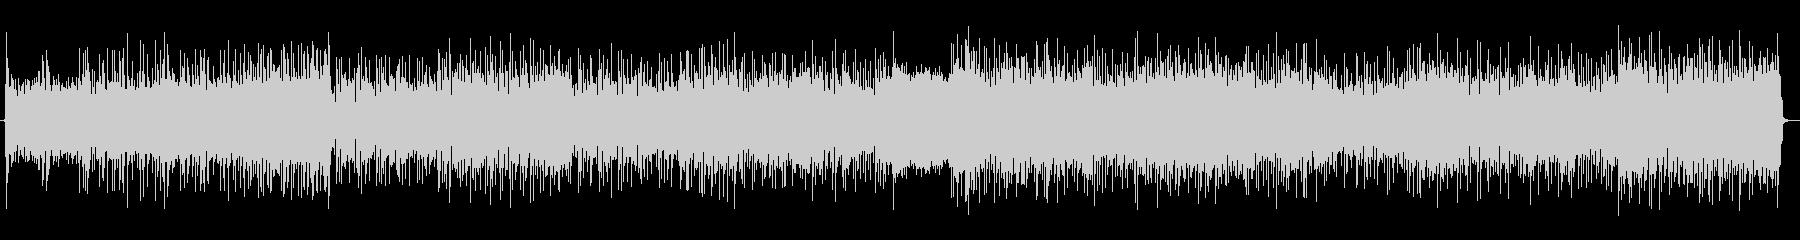 【生音】ミドルテンポのハードロックの未再生の波形